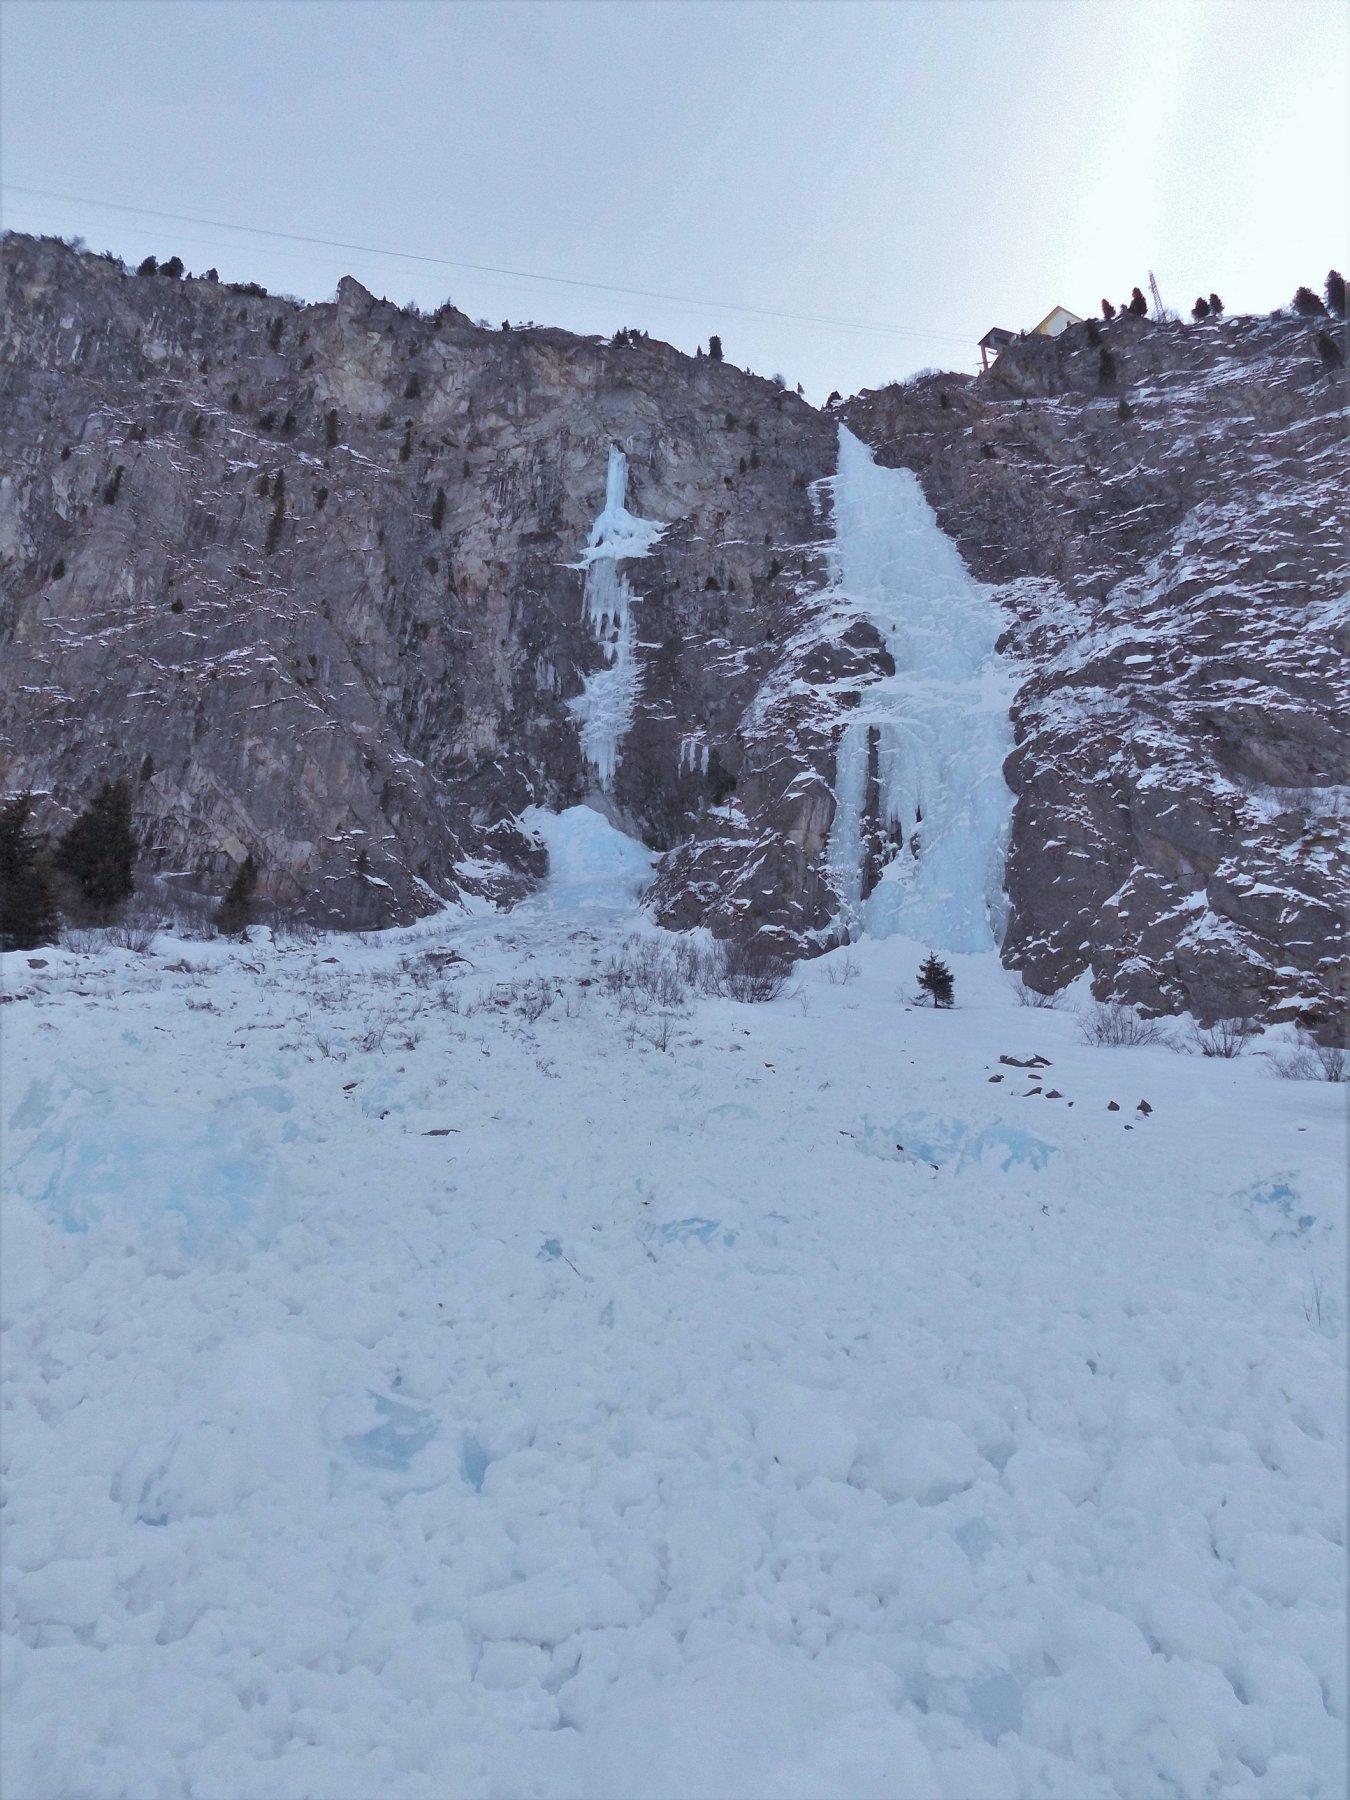 Val d'avio Cascata funicolare 2019-03-14